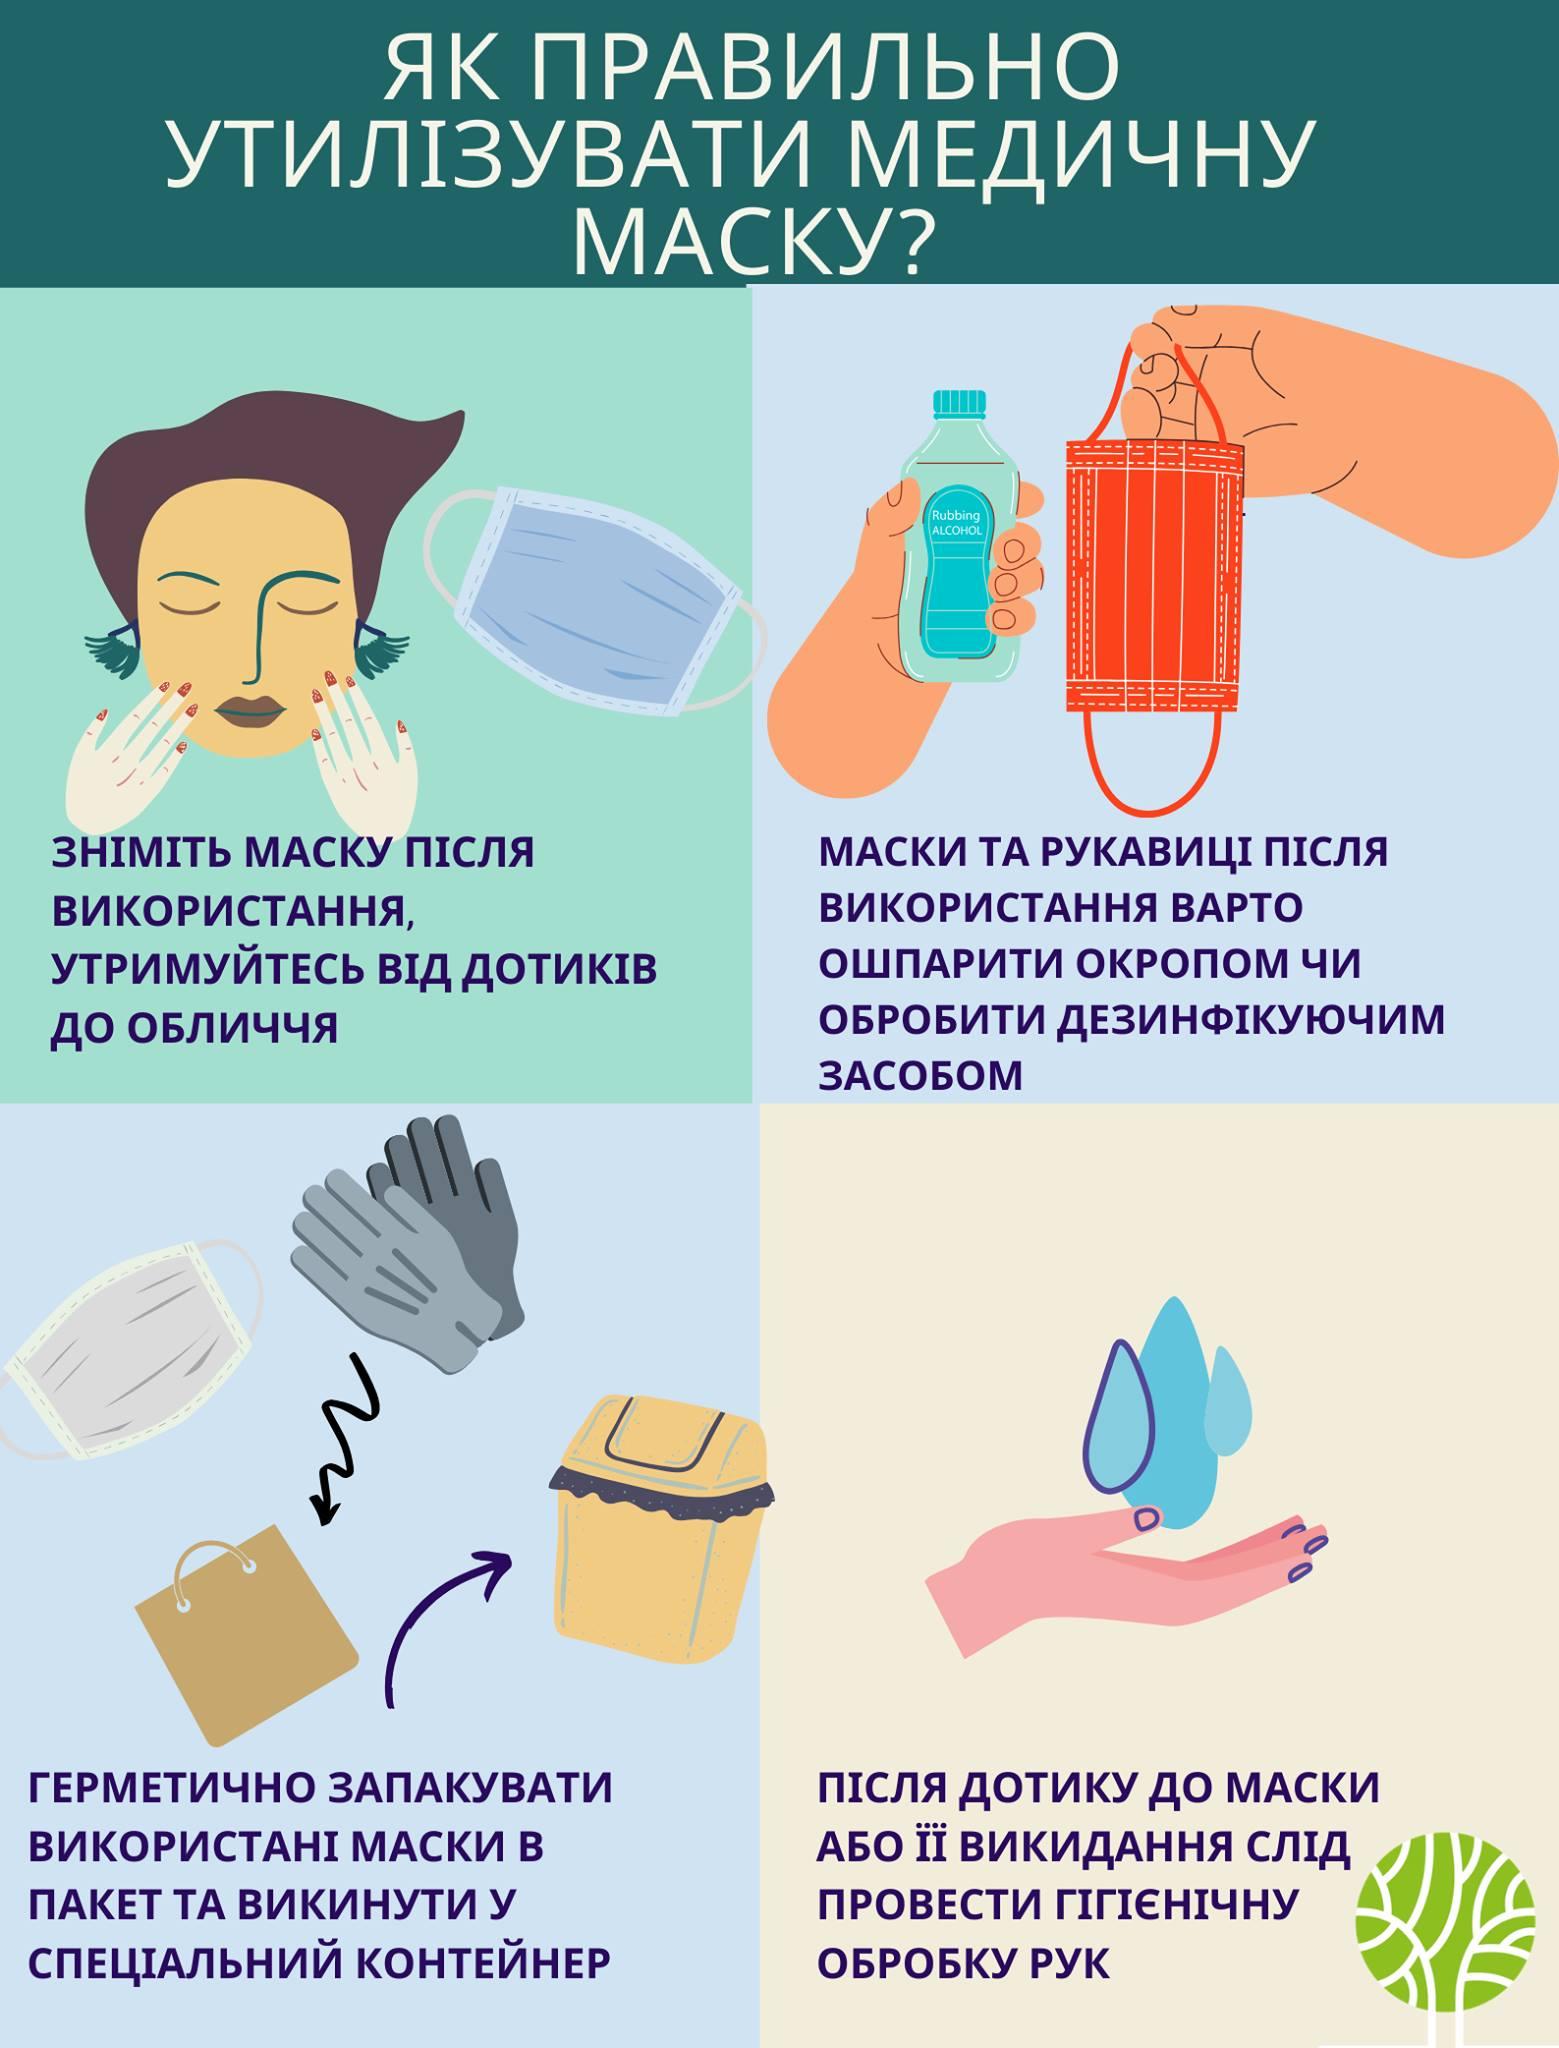 Правила утилизации использованных защитных масок и перчаток